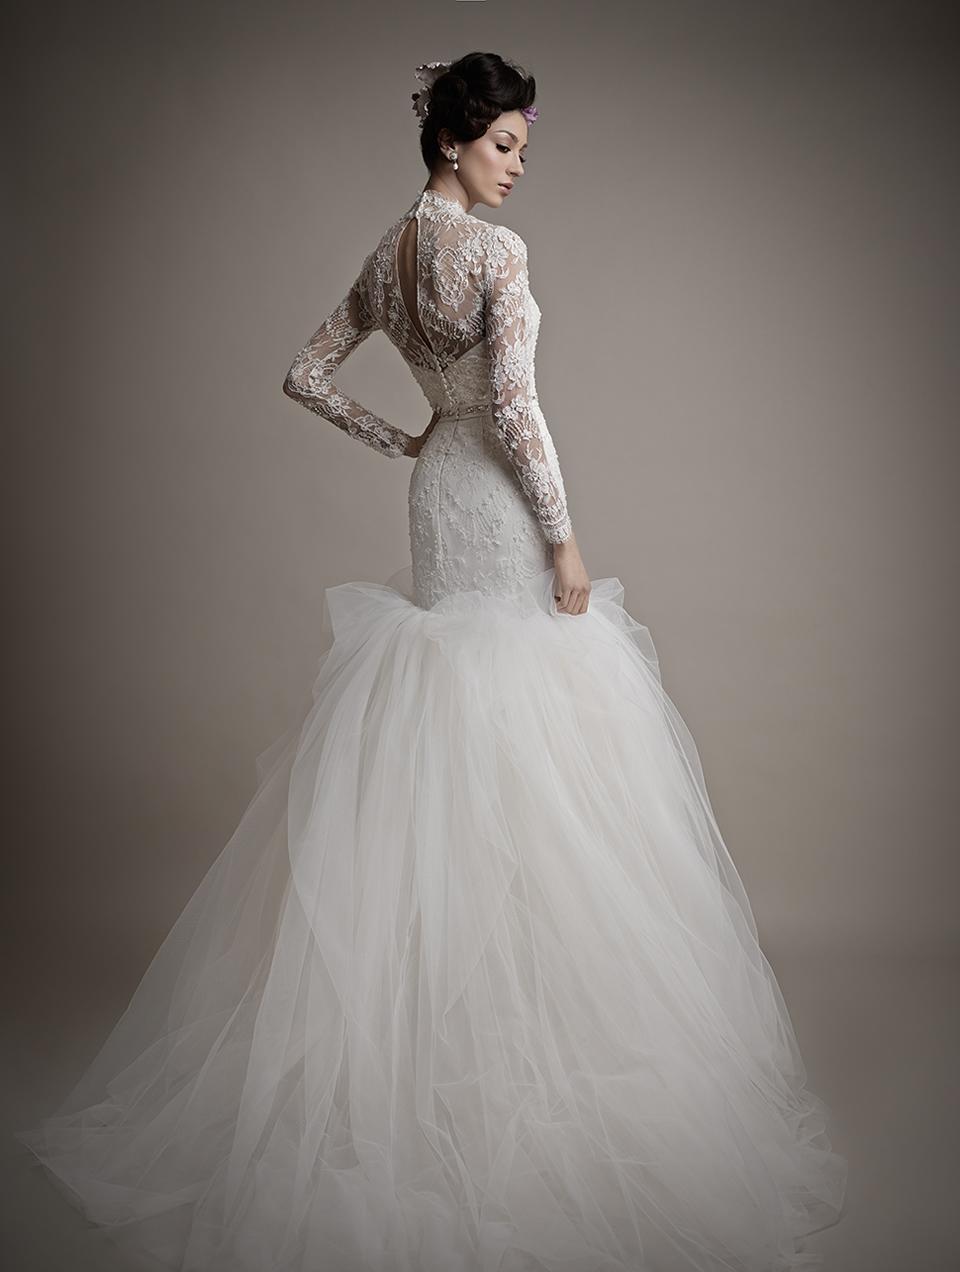 Коллекция свадебных платьев 2015 года от Ersa Atelier13-1